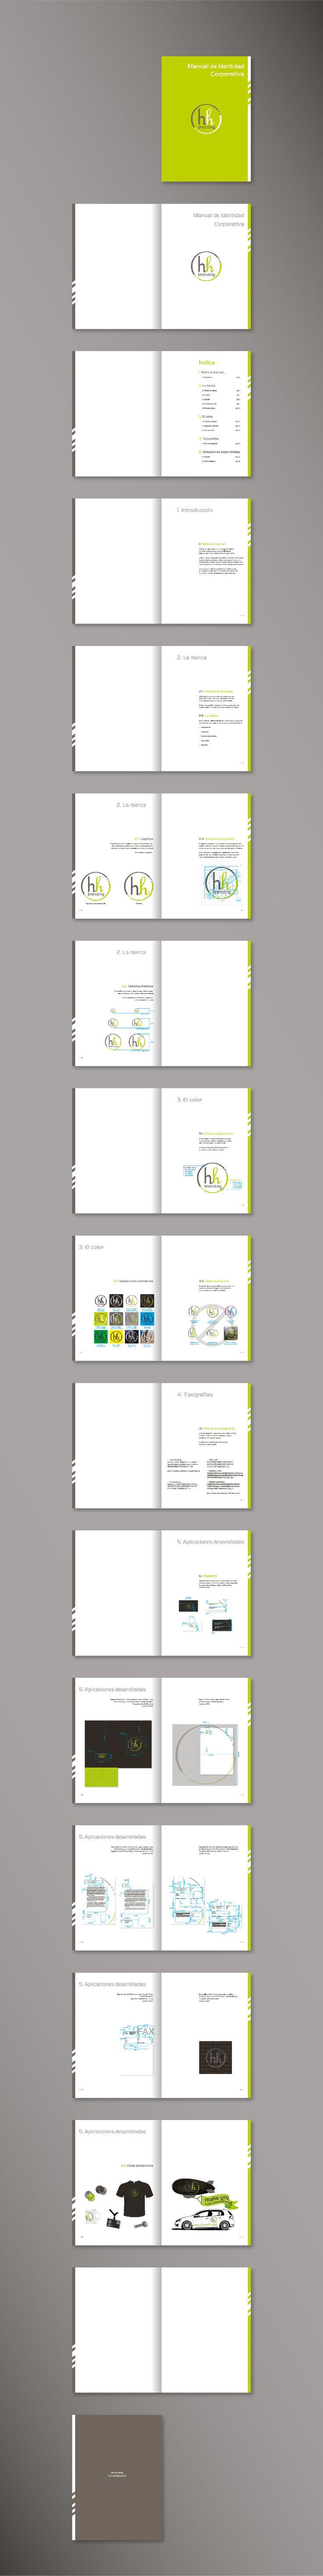 Identidad Corporativa HH Branding (desarrollo manual de identidad corporativa) - impreso en digital, cubierta plastificada mate 1C